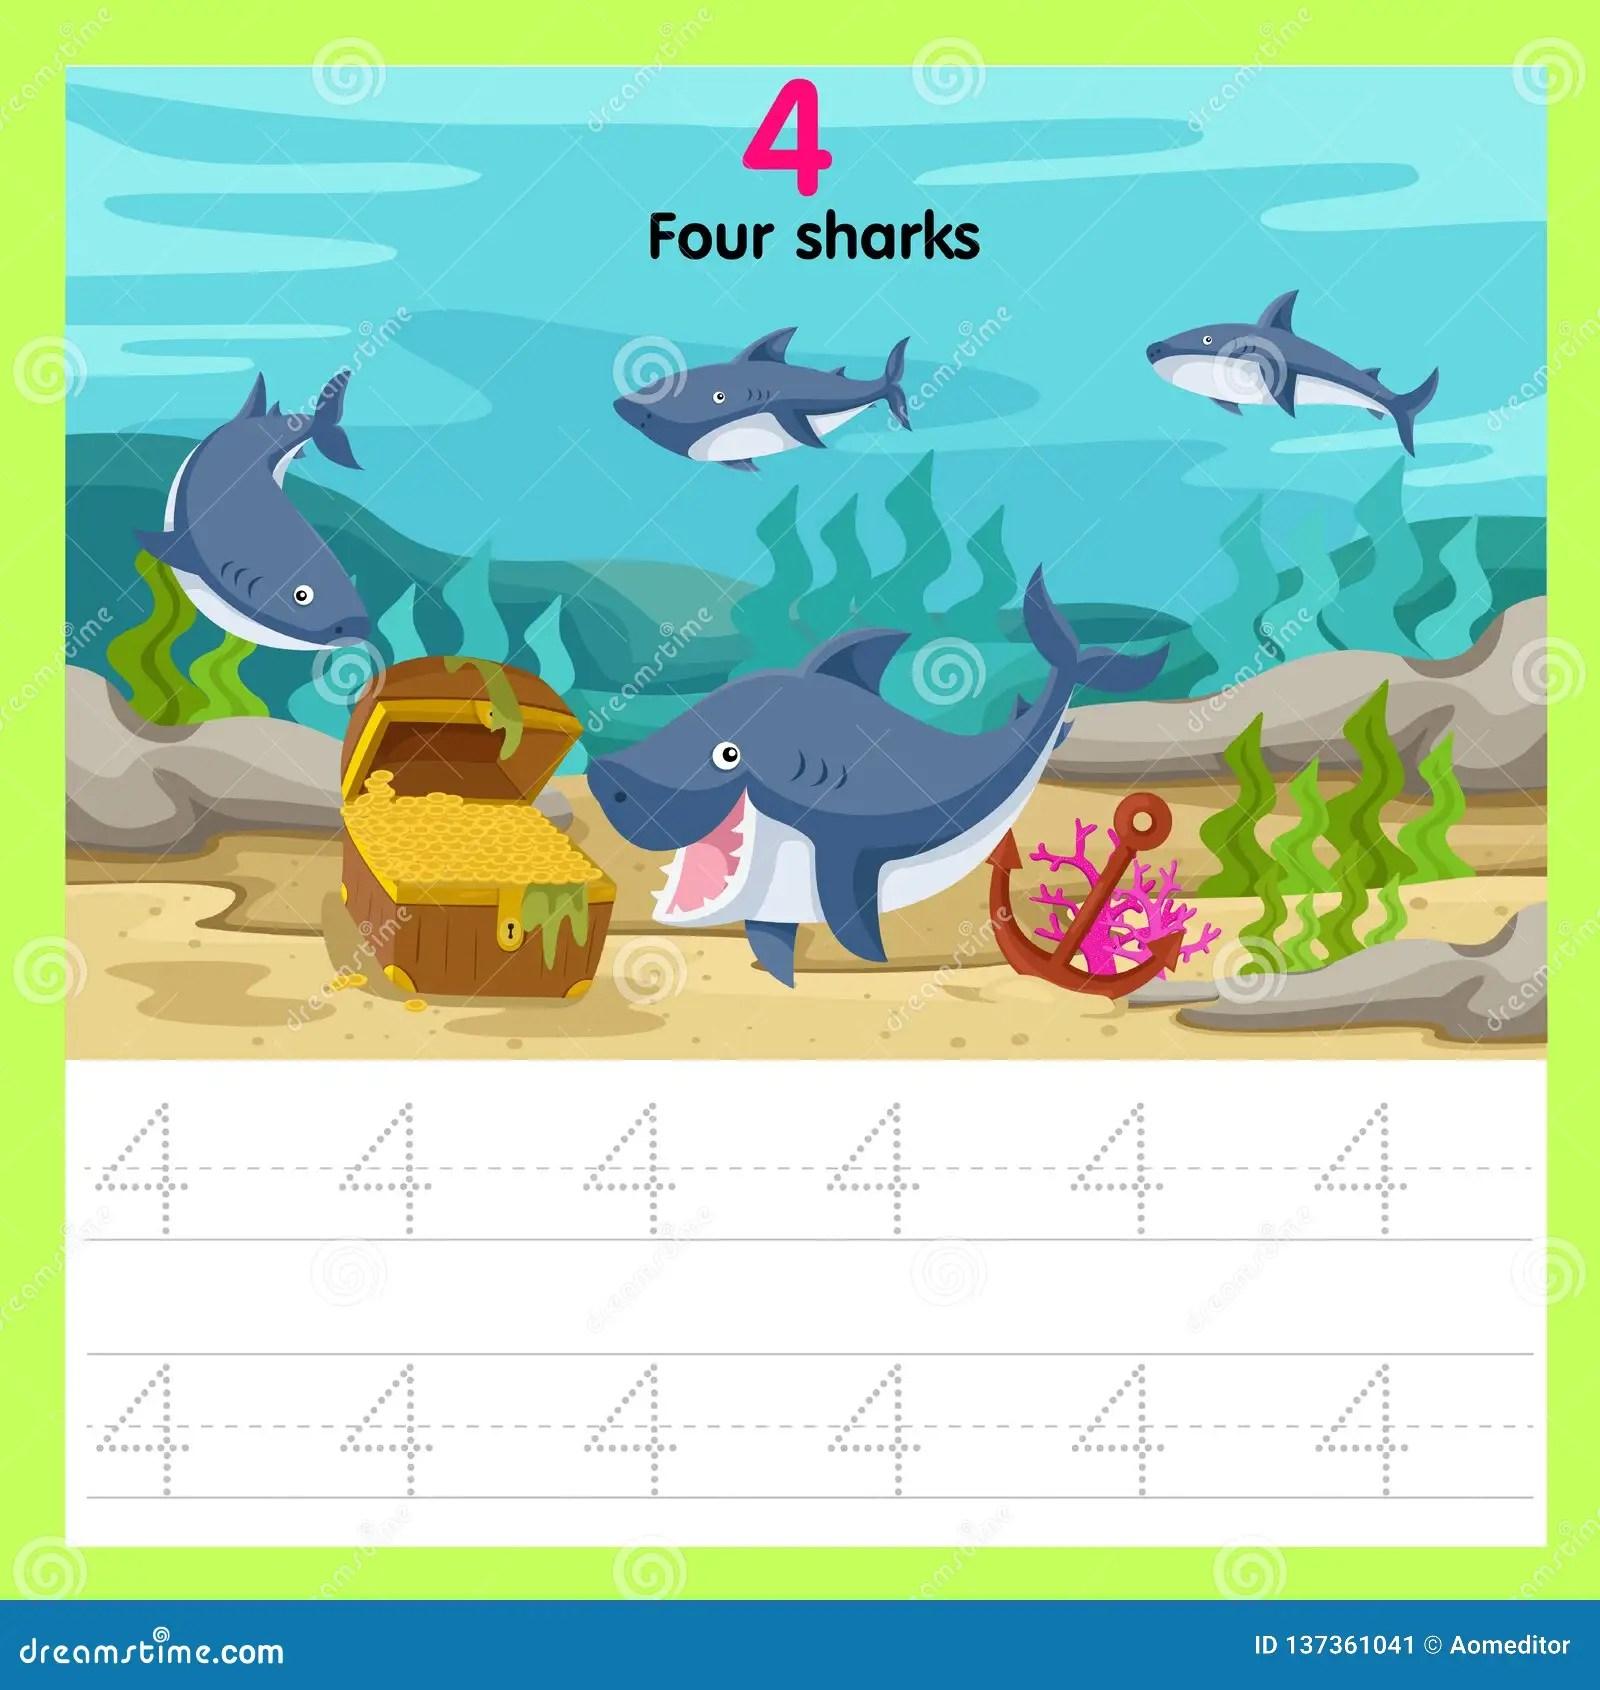 Illustrator Of Worksheet Four Sharks Stock Vector